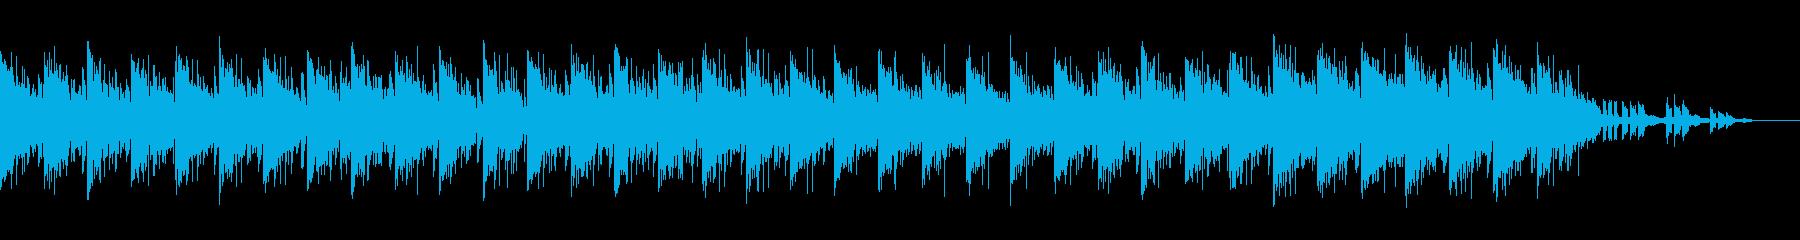 ミドルテンポの暗いEDMの再生済みの波形